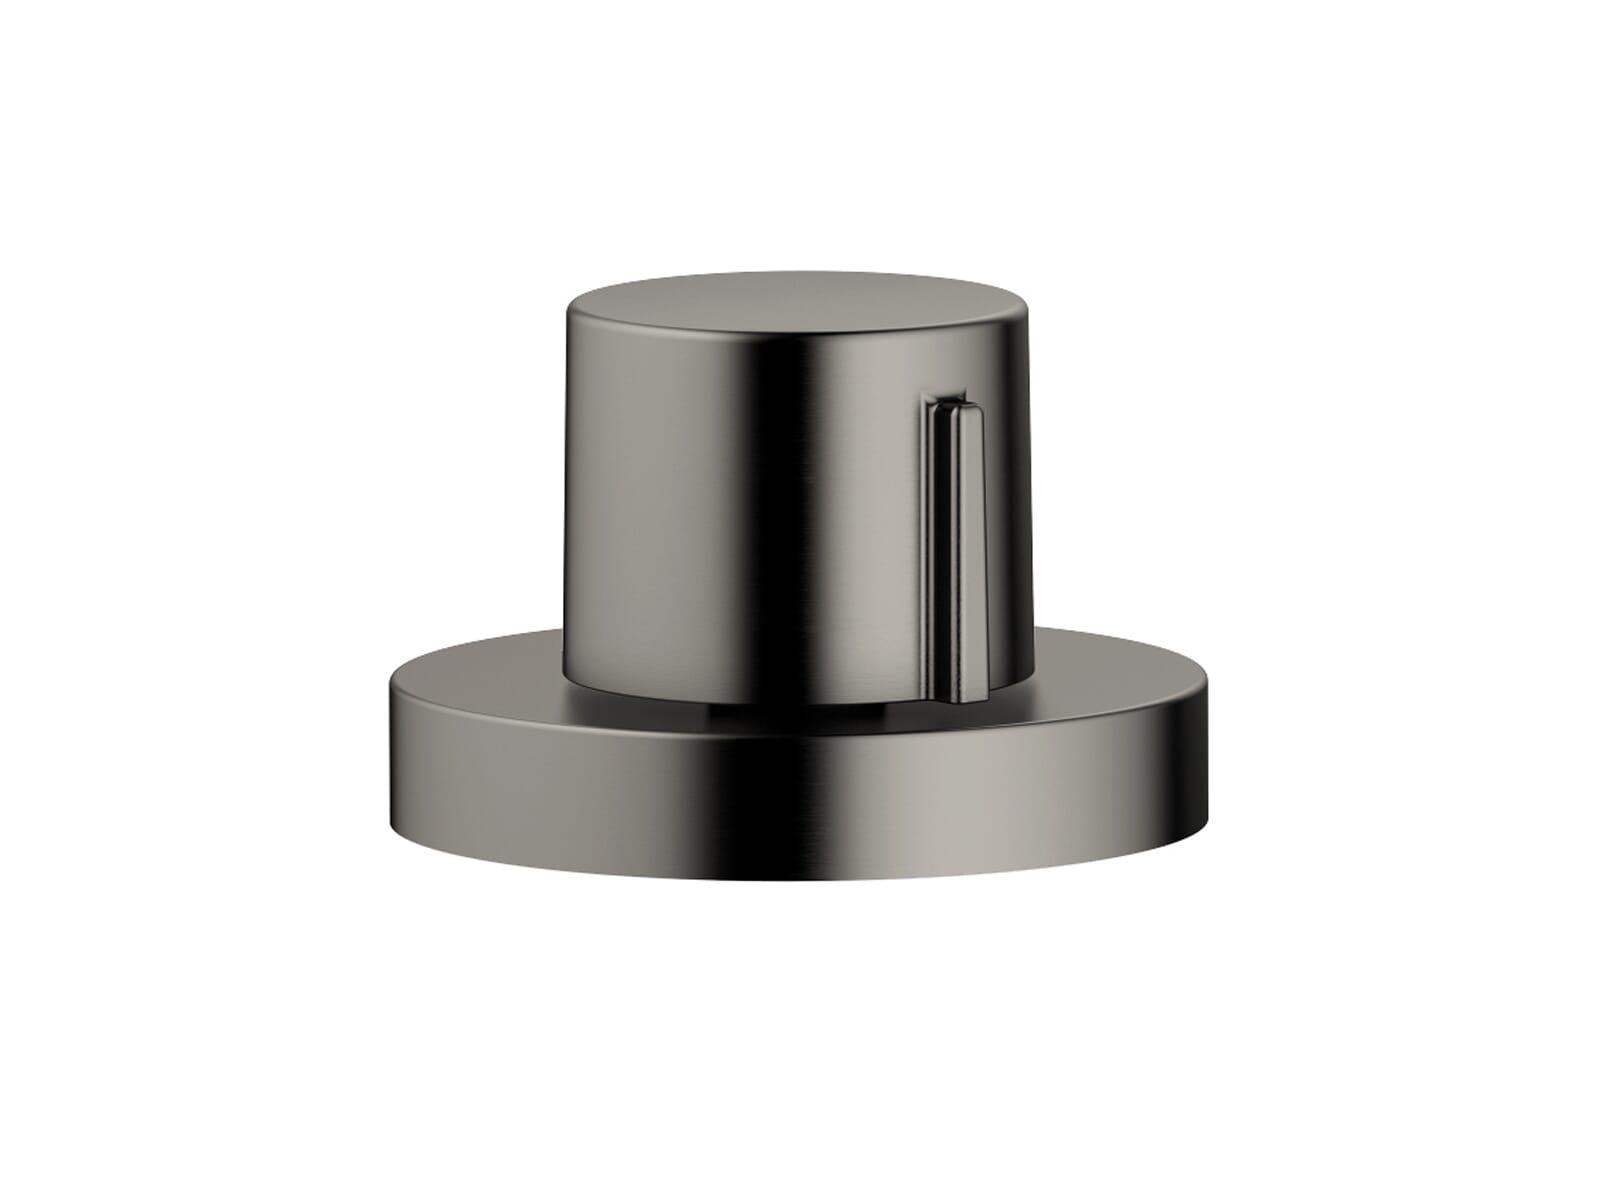 Dornbracht Exzenterbetätigung Dark Platinum Matt 10 710 970-99